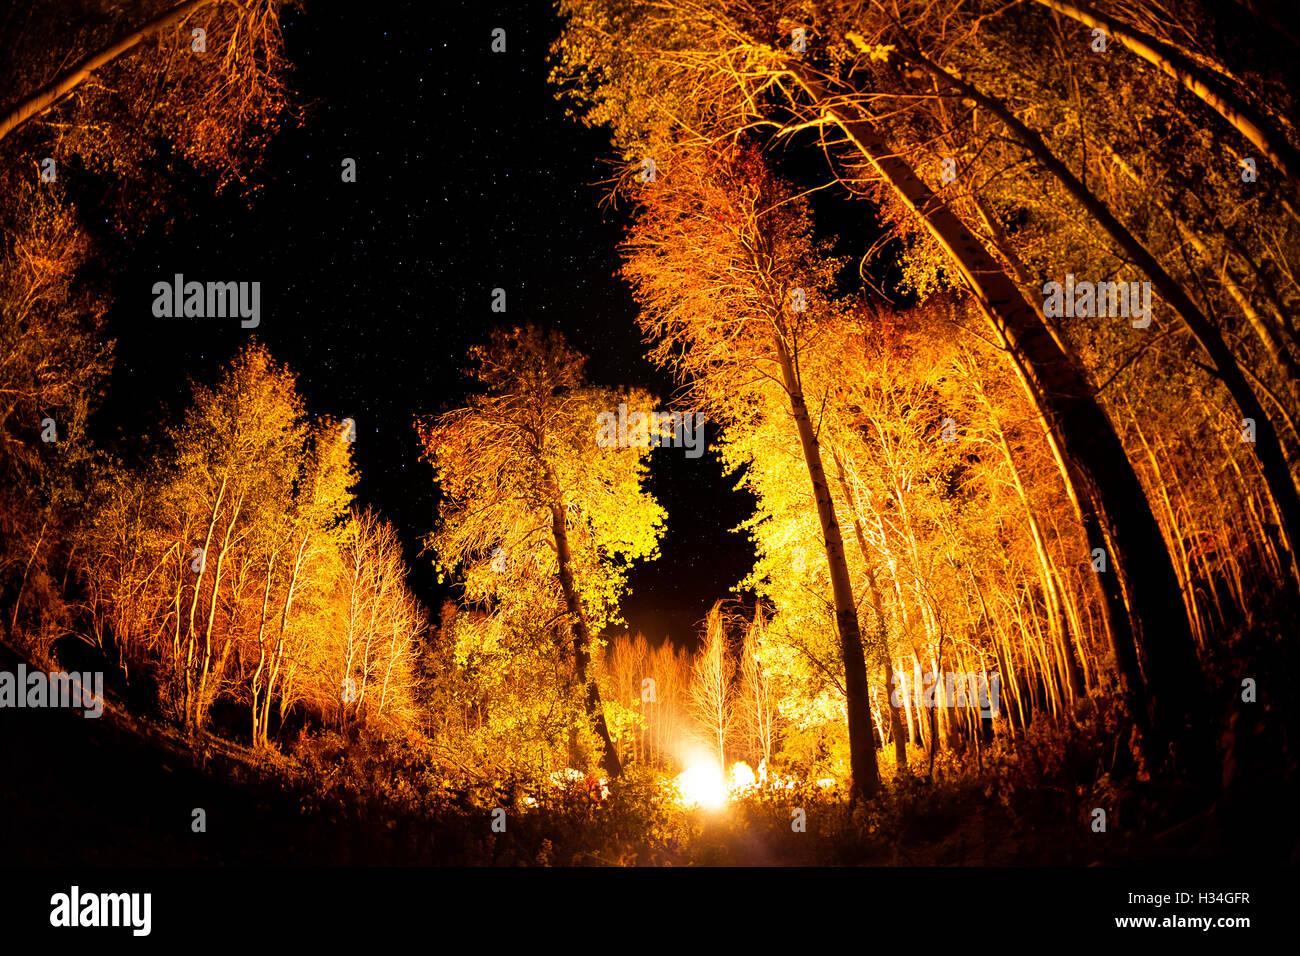 Lager im Wald mit großen Bäumen und Lagerfeuer in sternenklaren Nachthimmel Stockbild